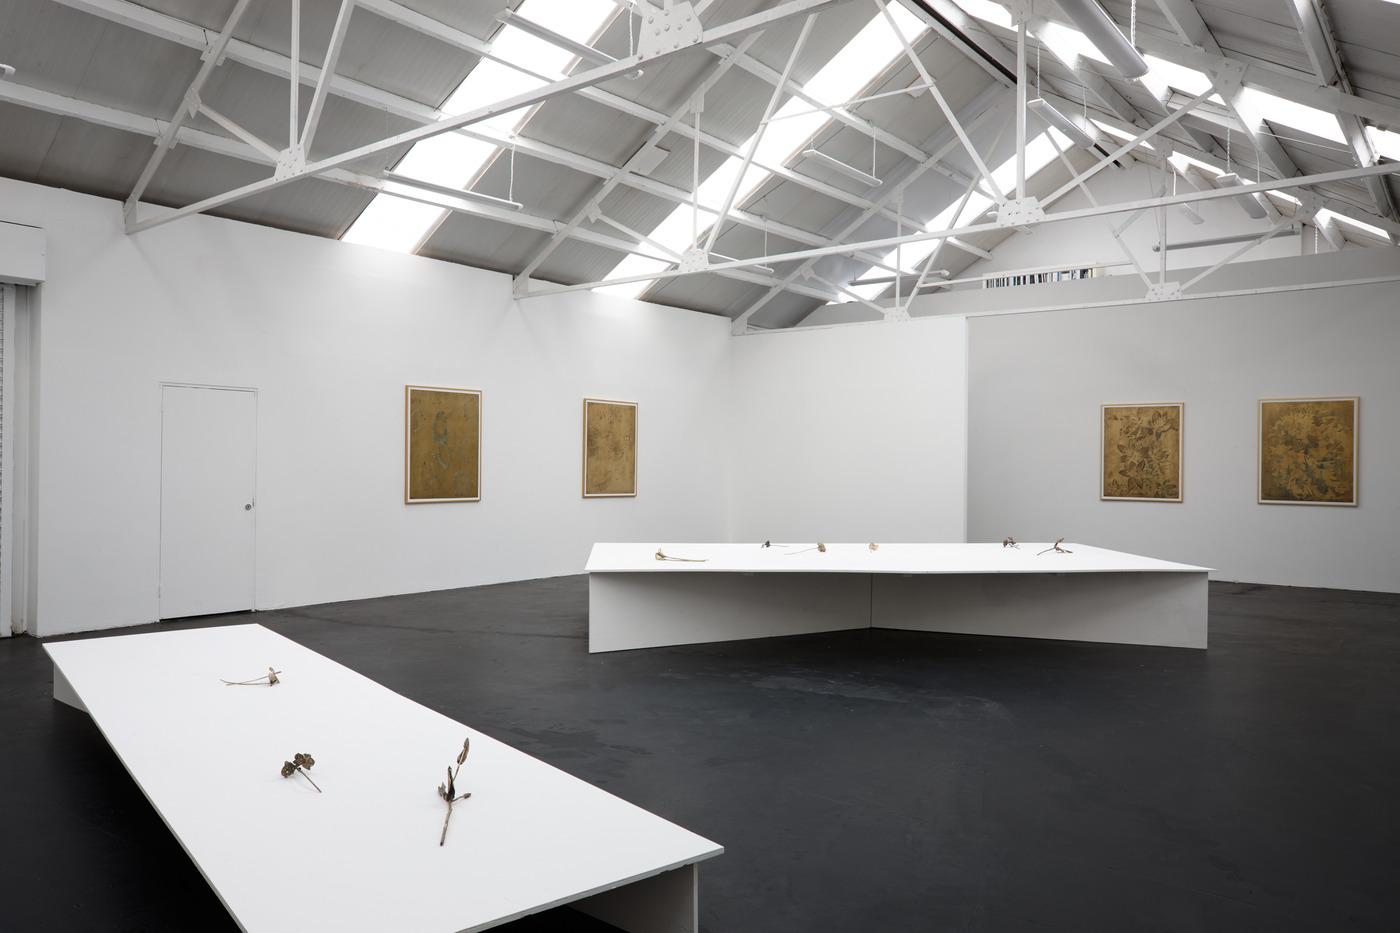 Ross Iannatti - Oro Valley - Installation View VIII